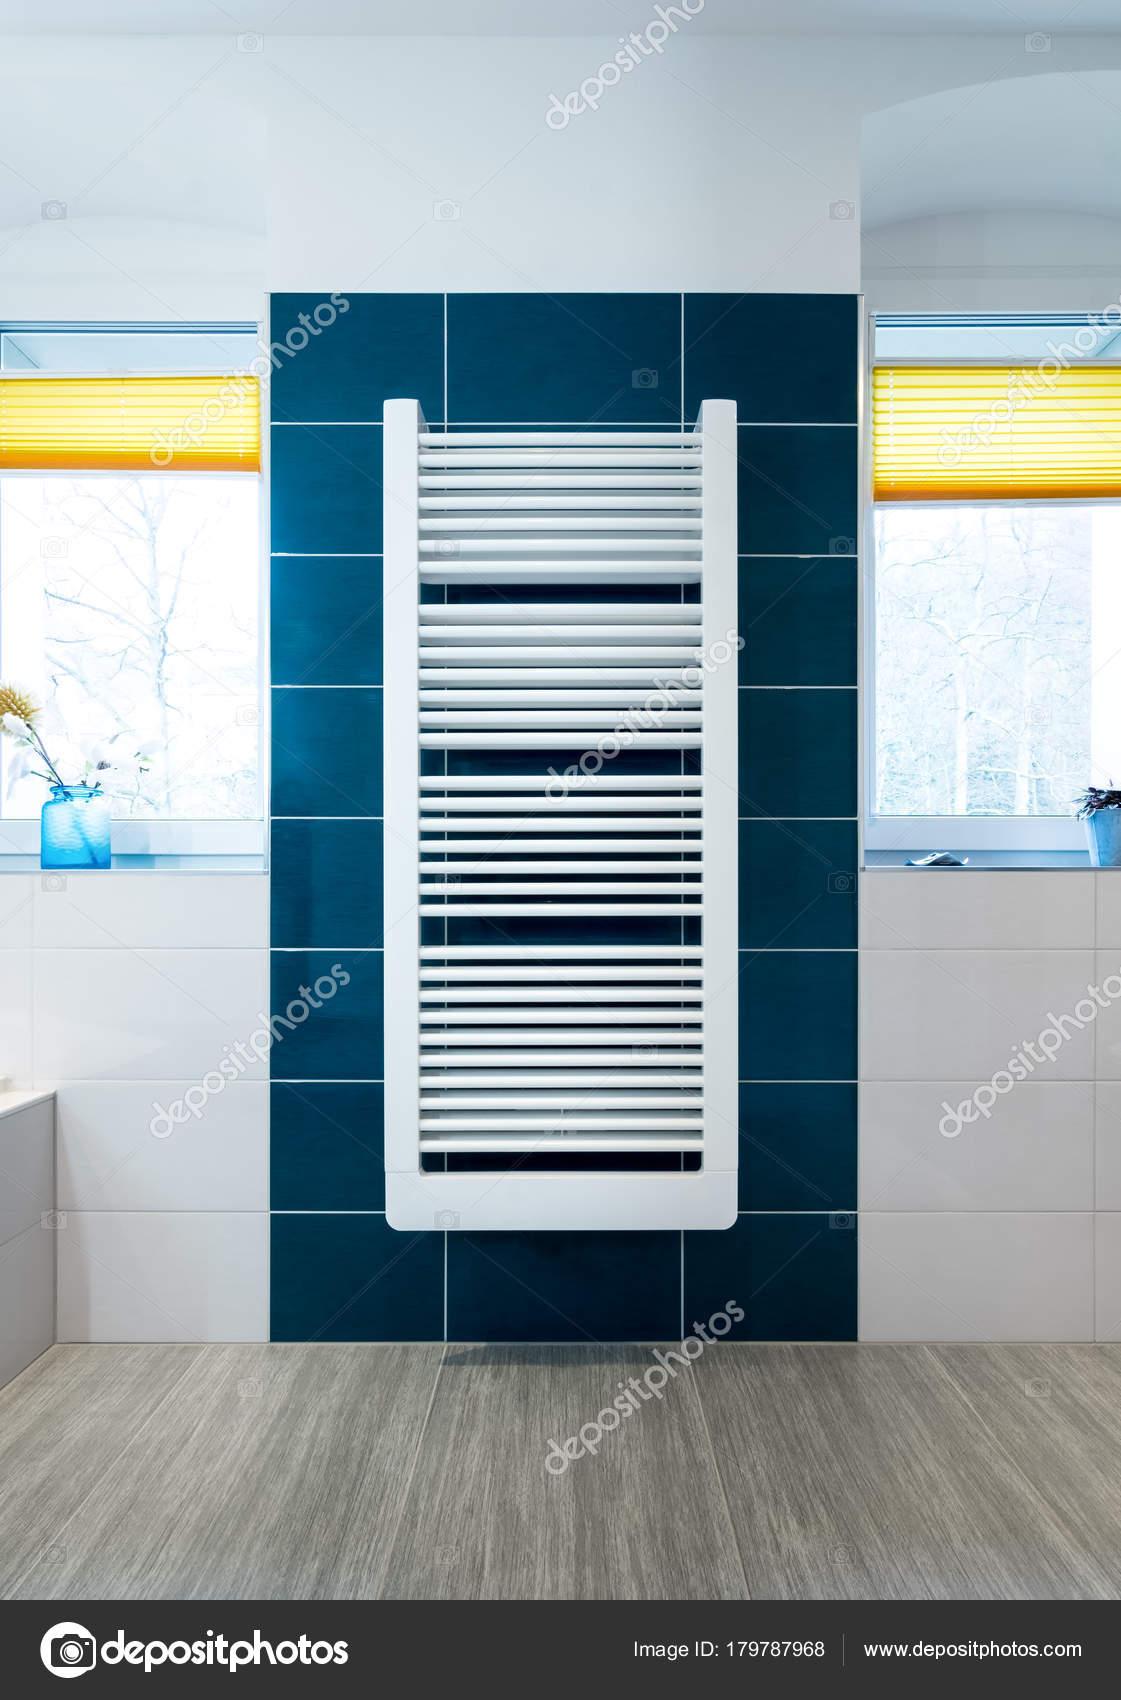 Weiße Handtuchtrockner blau gefliestes Badezimmer Wand — Stockfoto ...